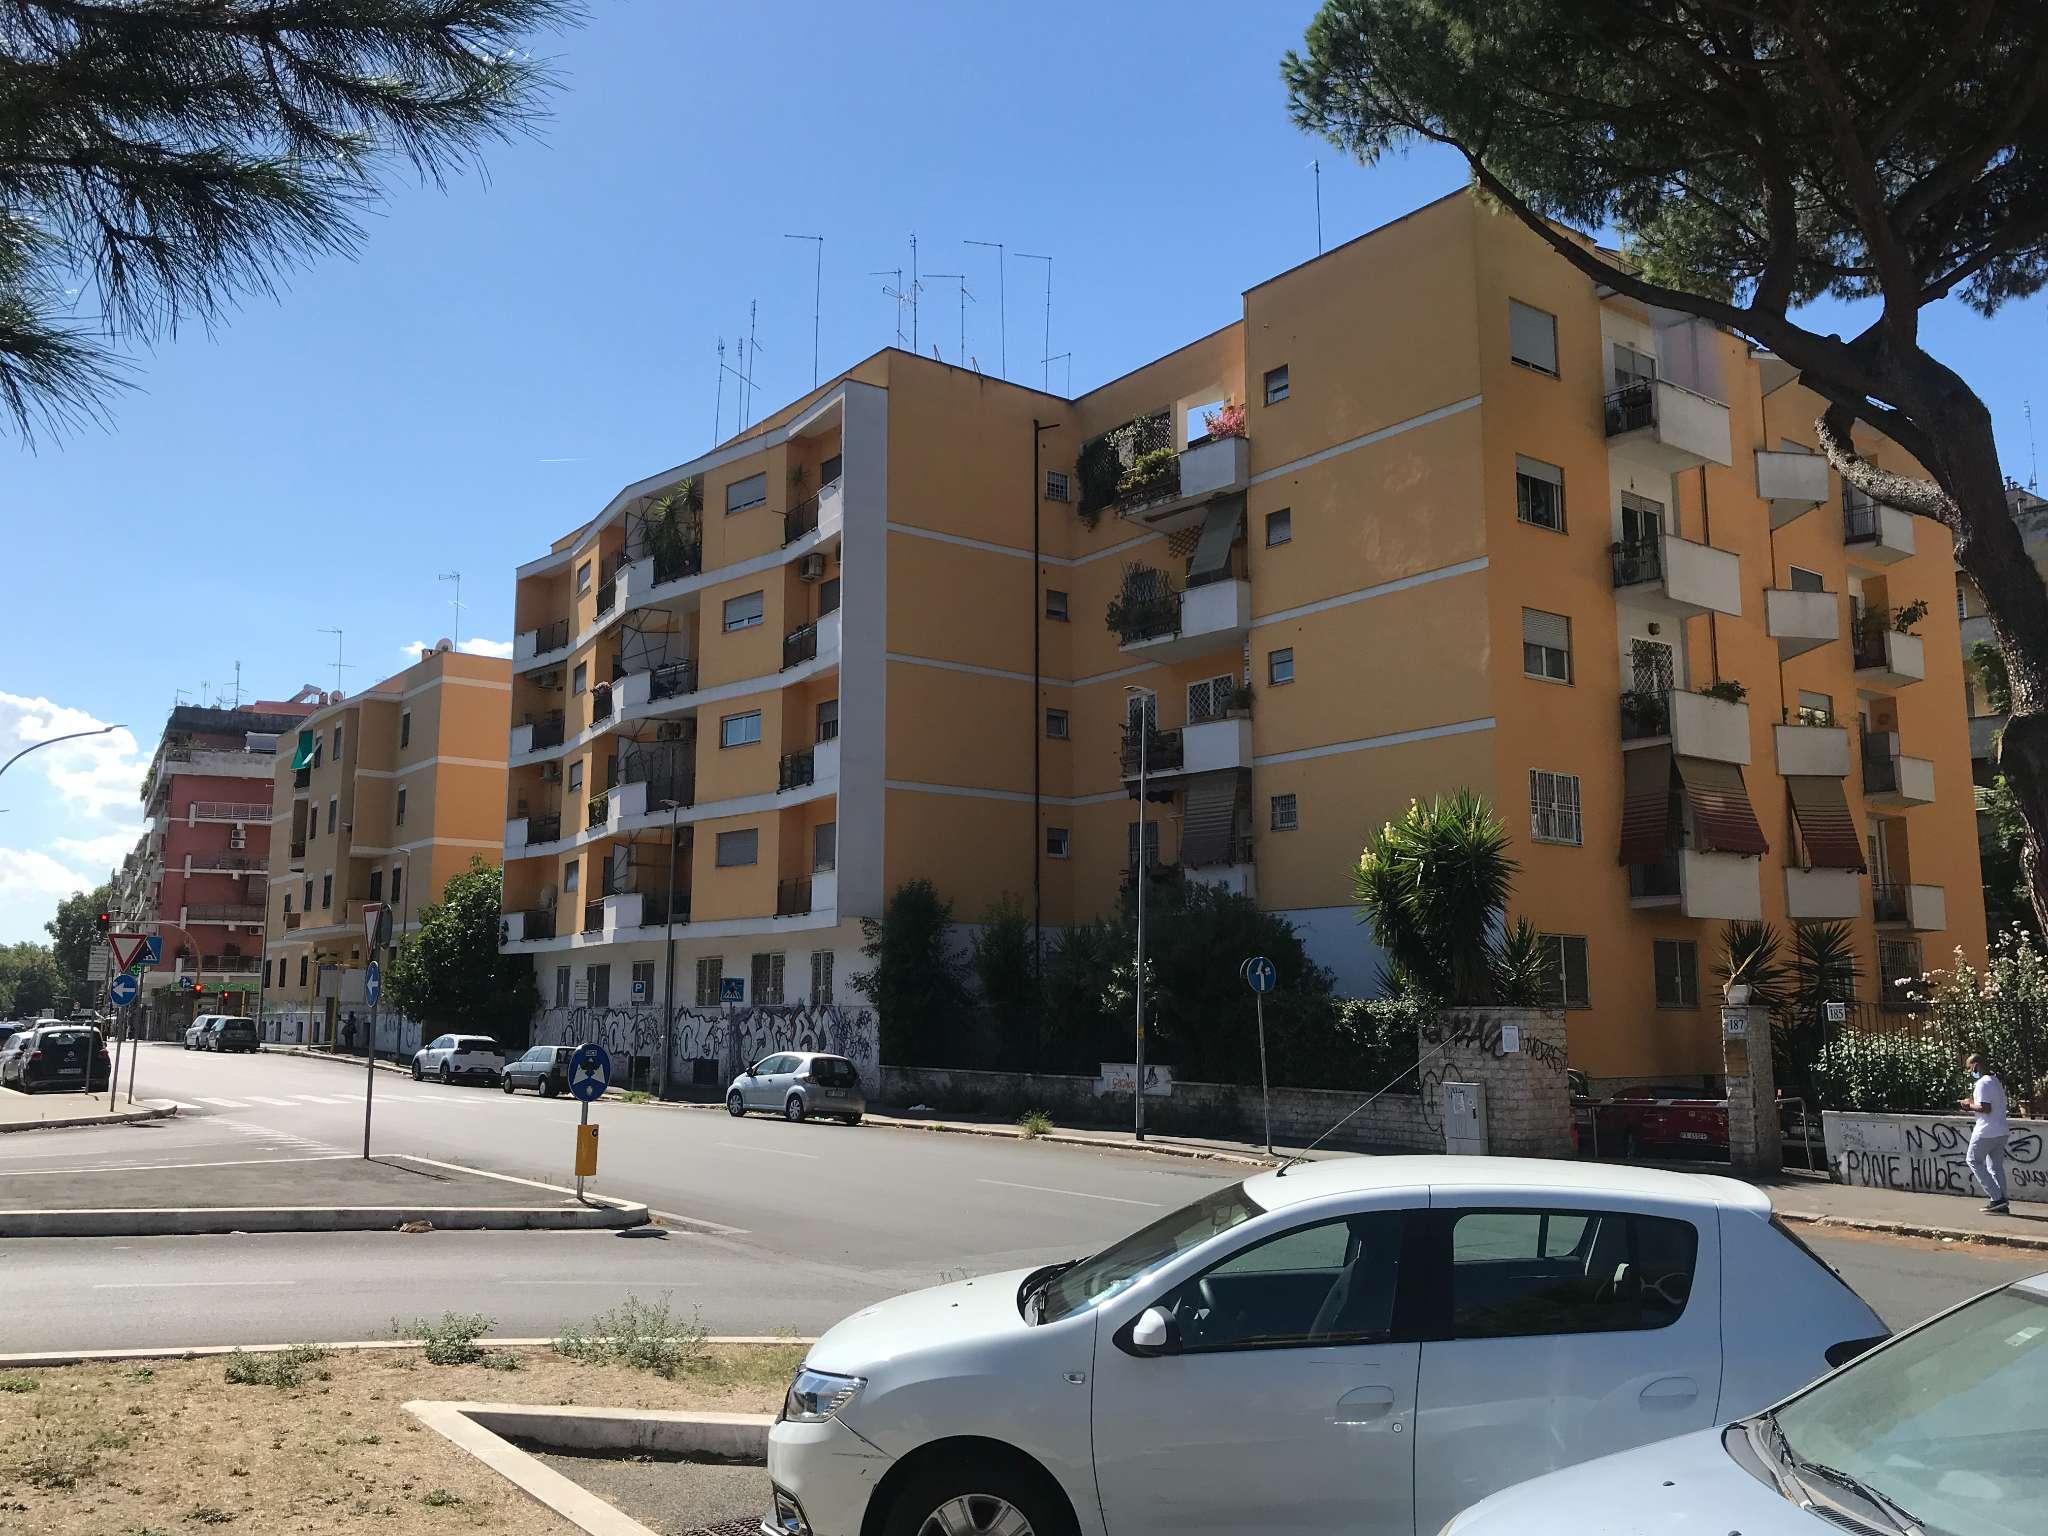 Appartamento in vendita a Roma, 2 locali, zona Zona: 5 . Montesacro - Talenti, prezzo € 290.000   CambioCasa.it